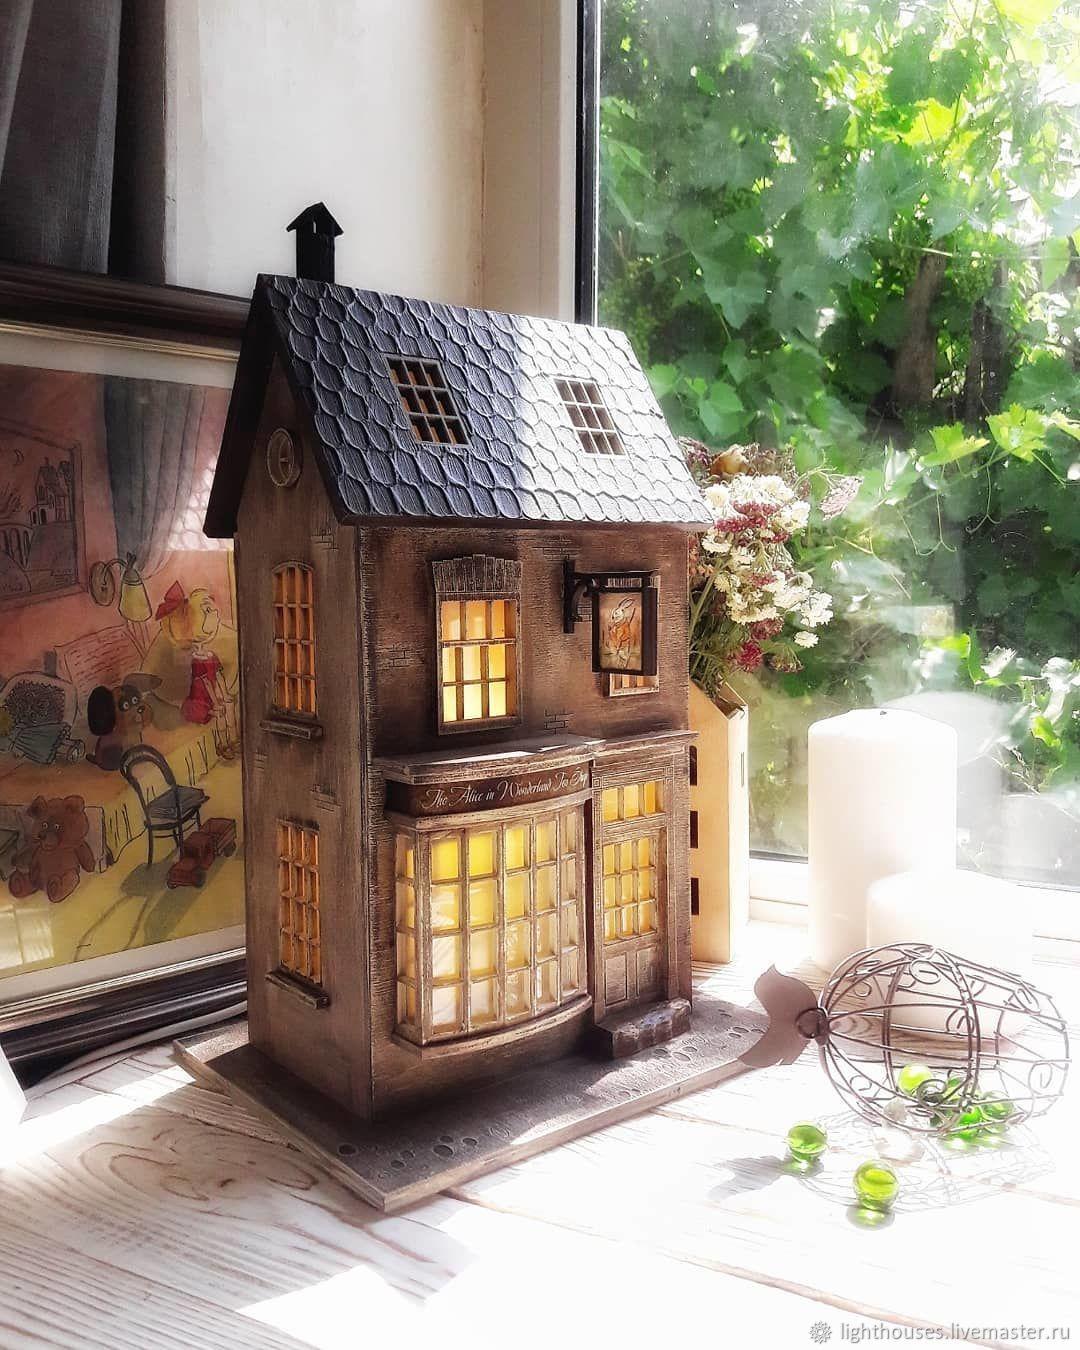 Освещение ручной работы. Ярмарка Мастеров - ручная работа. Купить Уютная чайная лавка 'Alice in Wonderland tea shop'. Домик-ночник. Handmade.